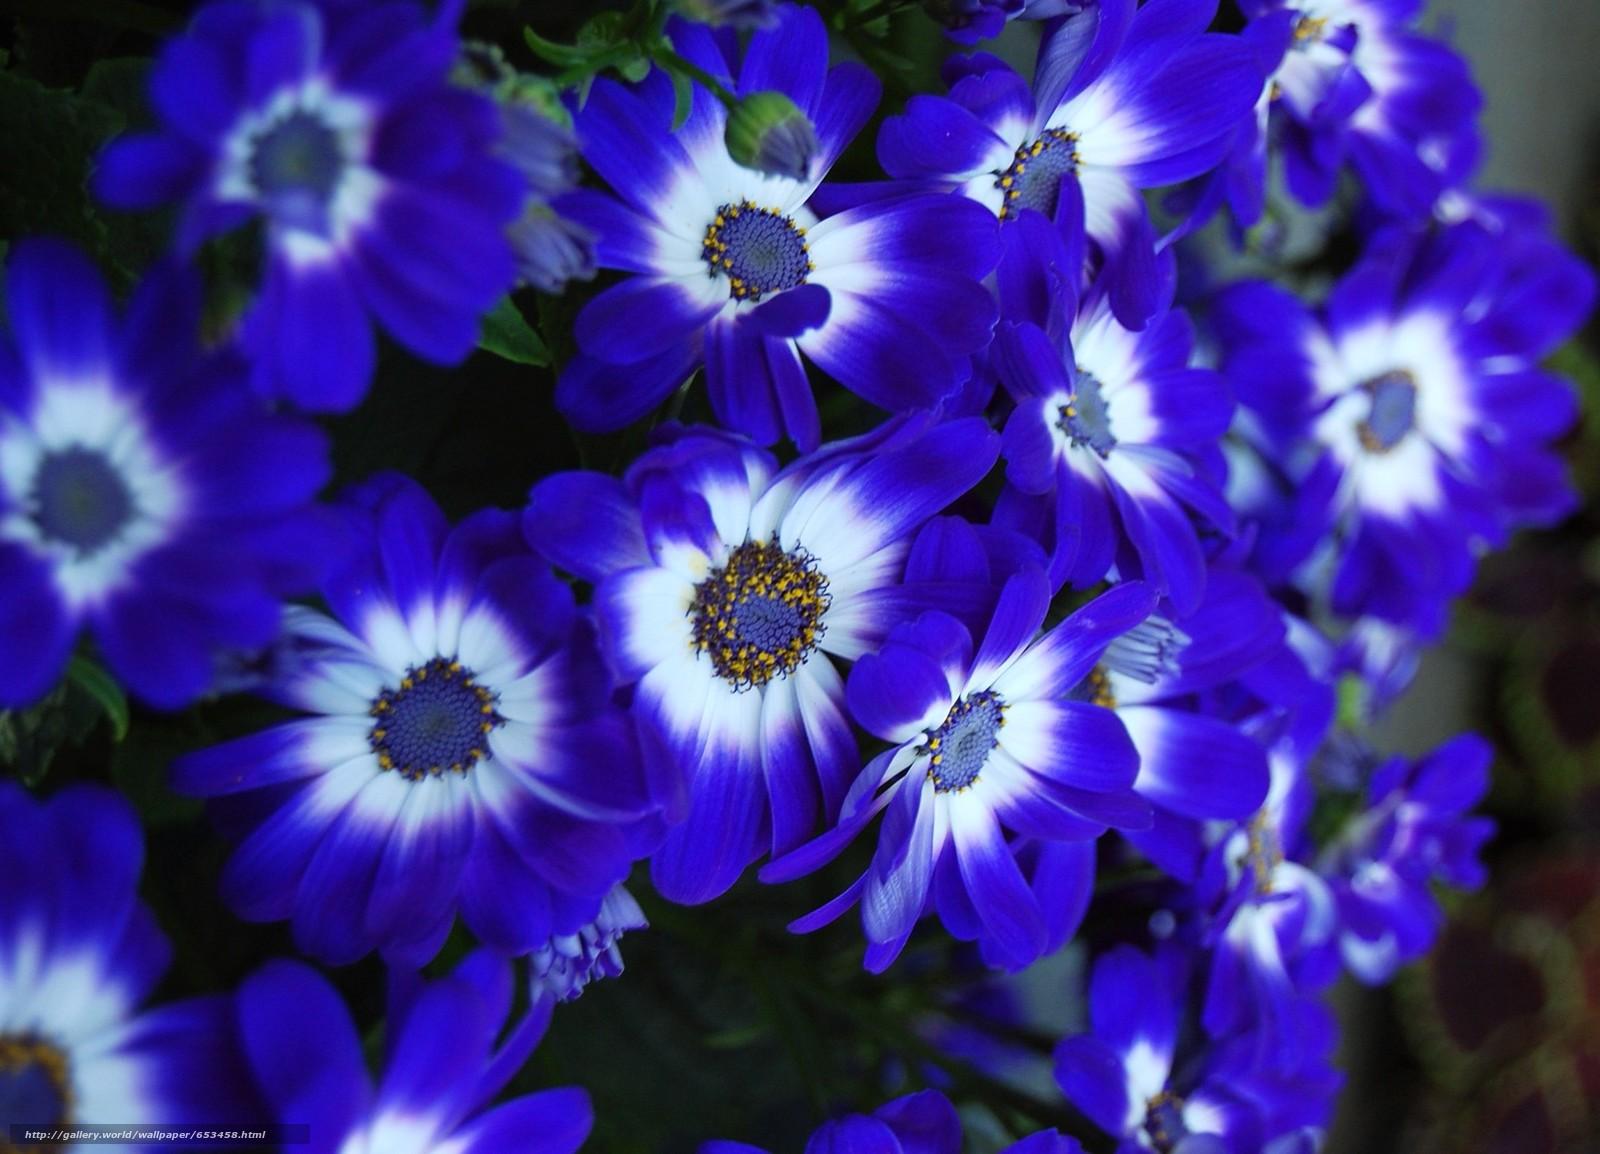 Скачать обои цветы,  цветок,  макро,  красивый цветок бесплатно для рабочего стола в разрешении 2075x1496 — картинка №653458